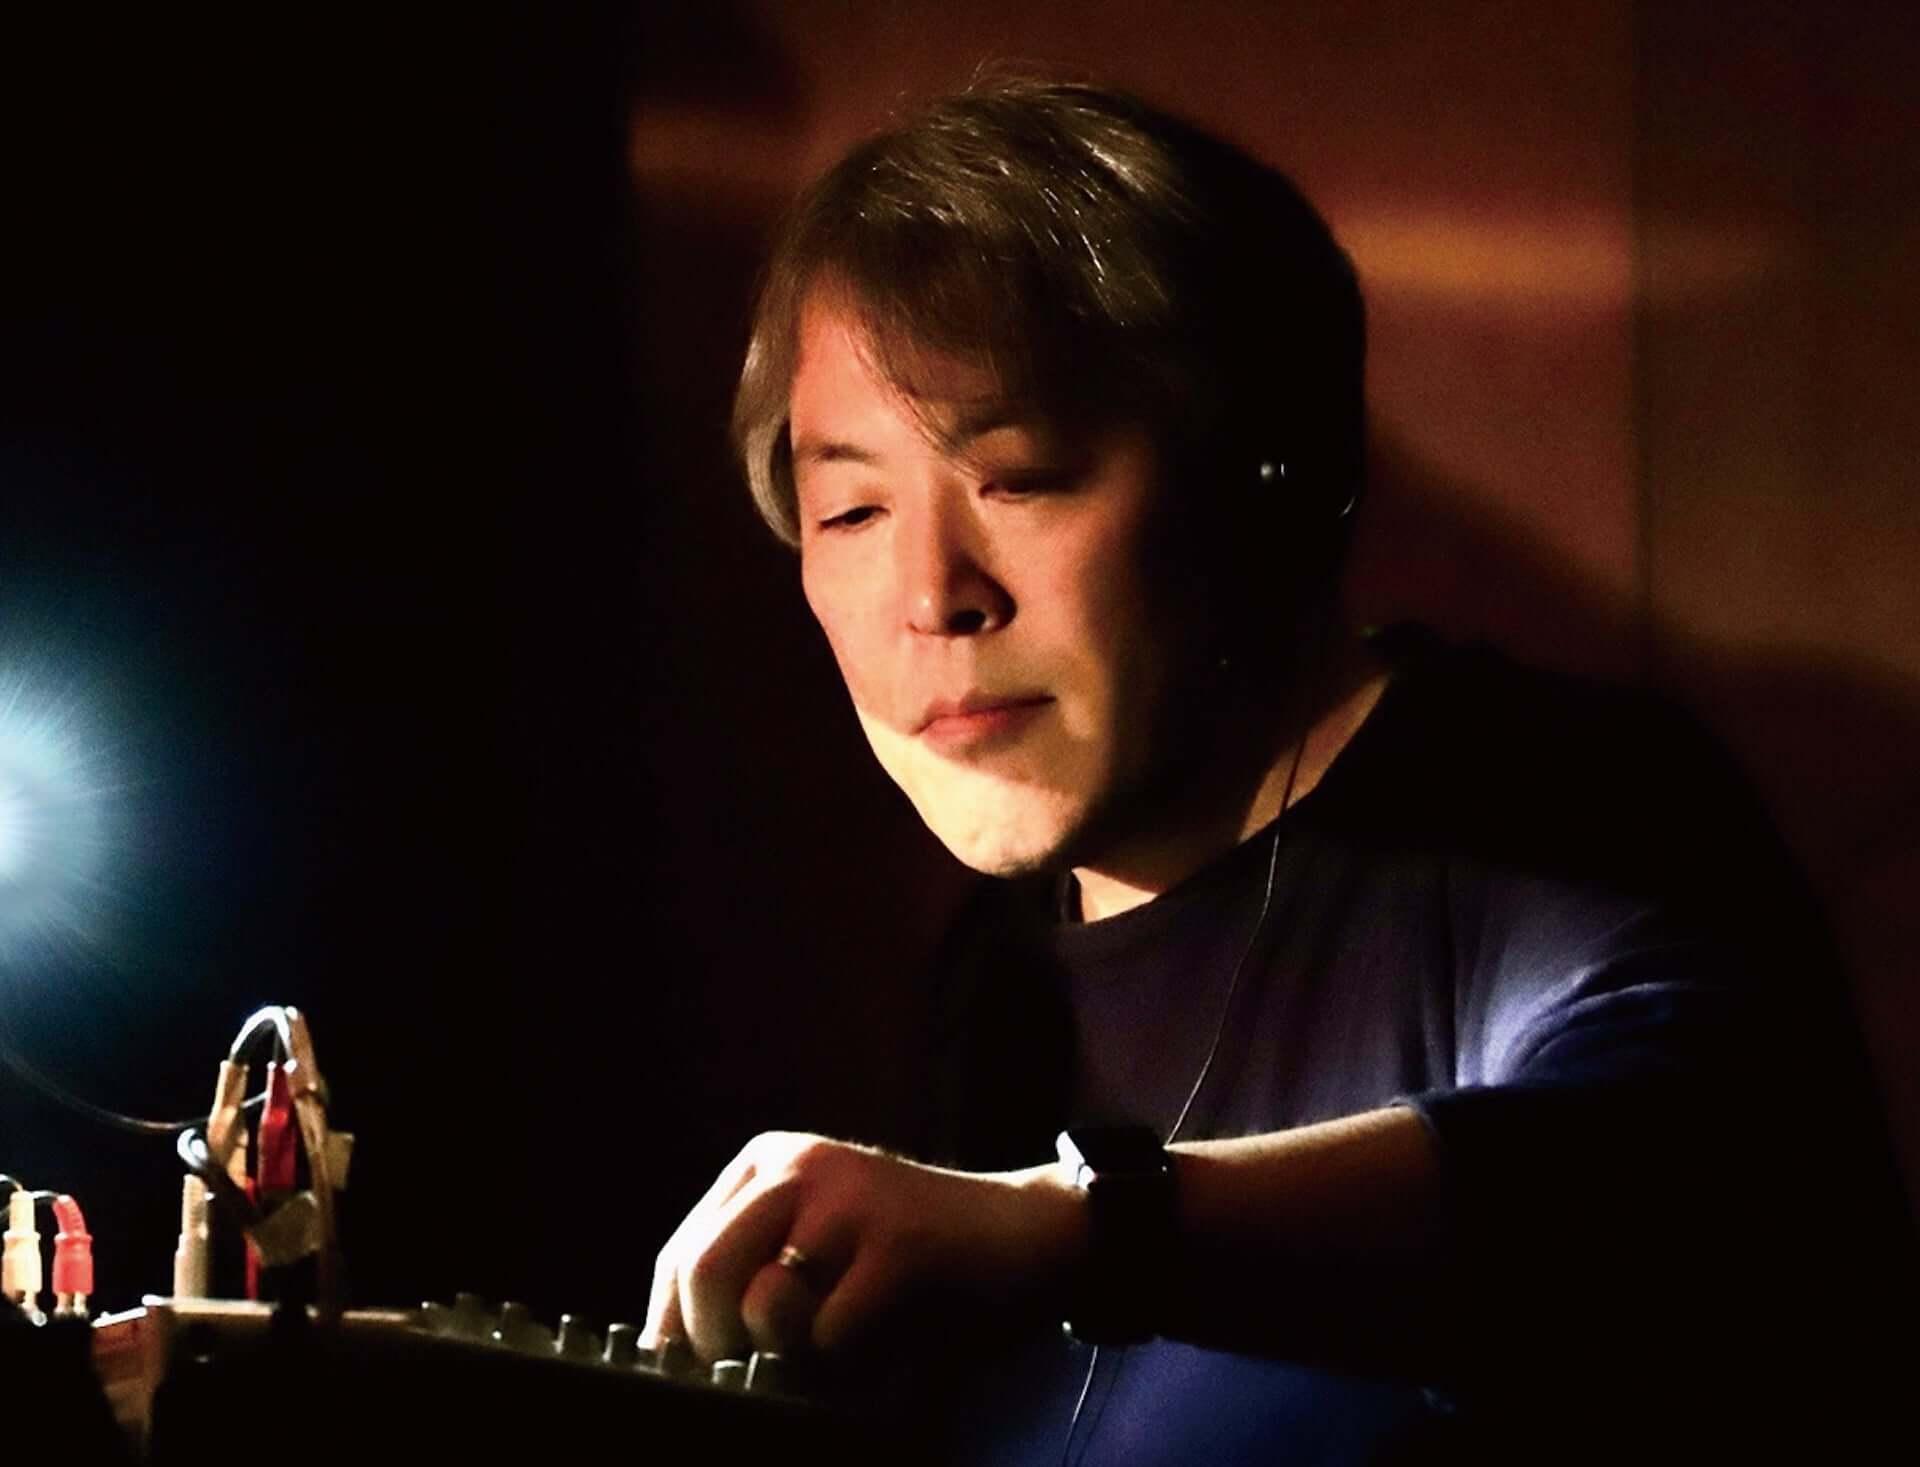 大野松雄の90歳記念イベント<音の世界—番外編—>が京都メトロで開催決定!由良泰人、RUBYORLAを迎えて生配信 music200911_matsuo-ohno_4-1920x1467